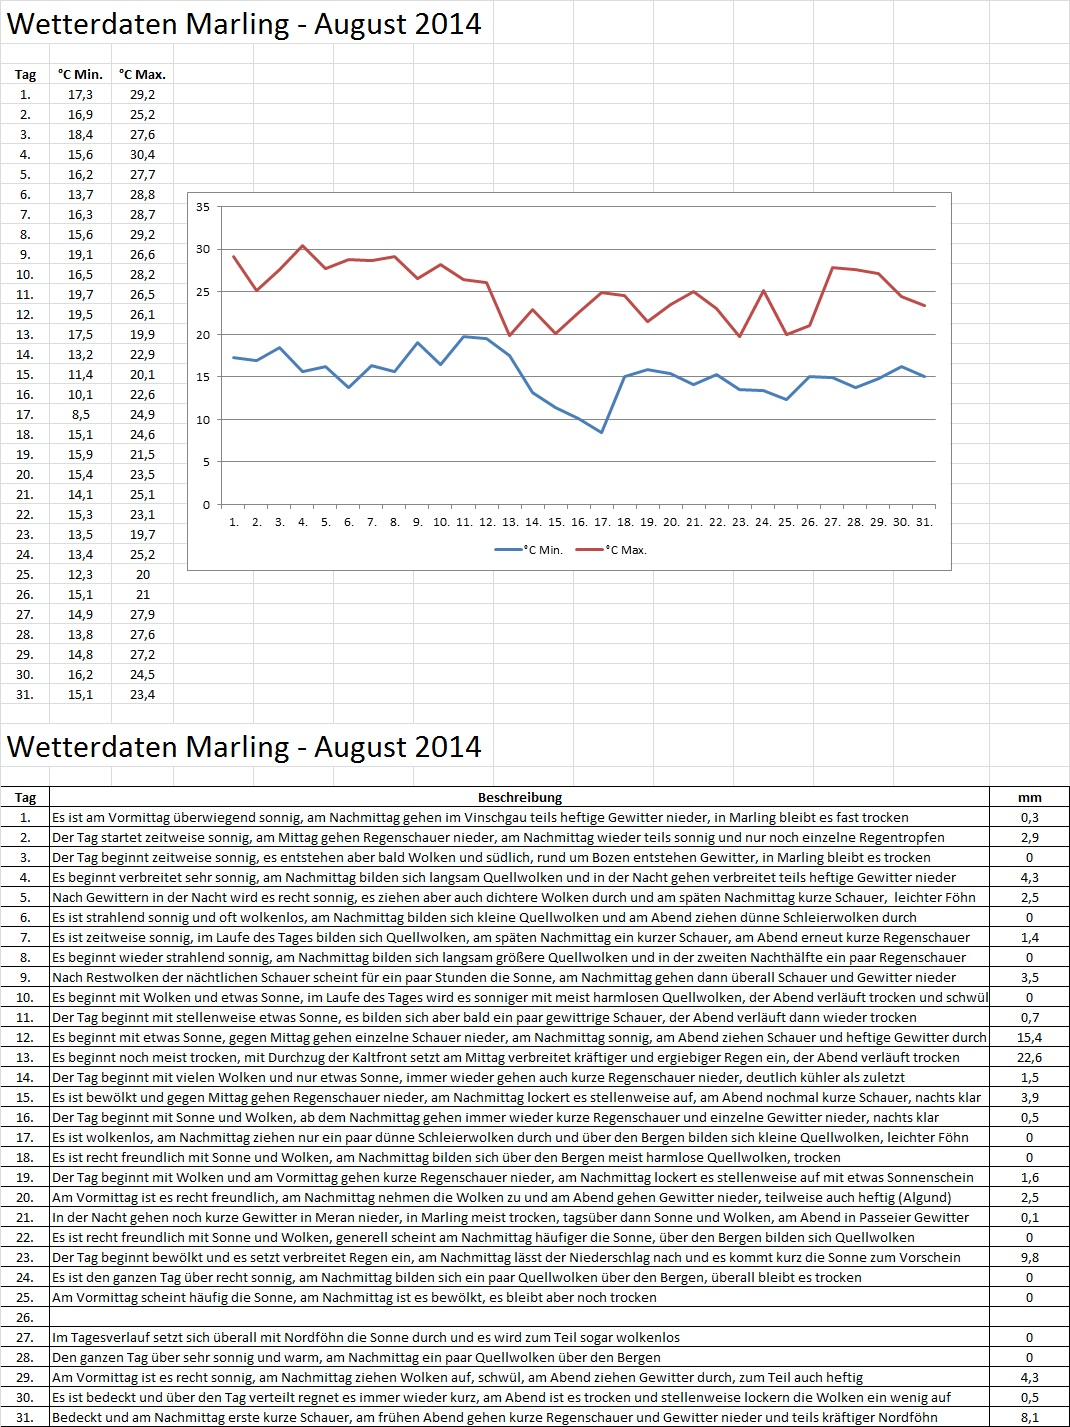 Wetter Daten Marling August 2014